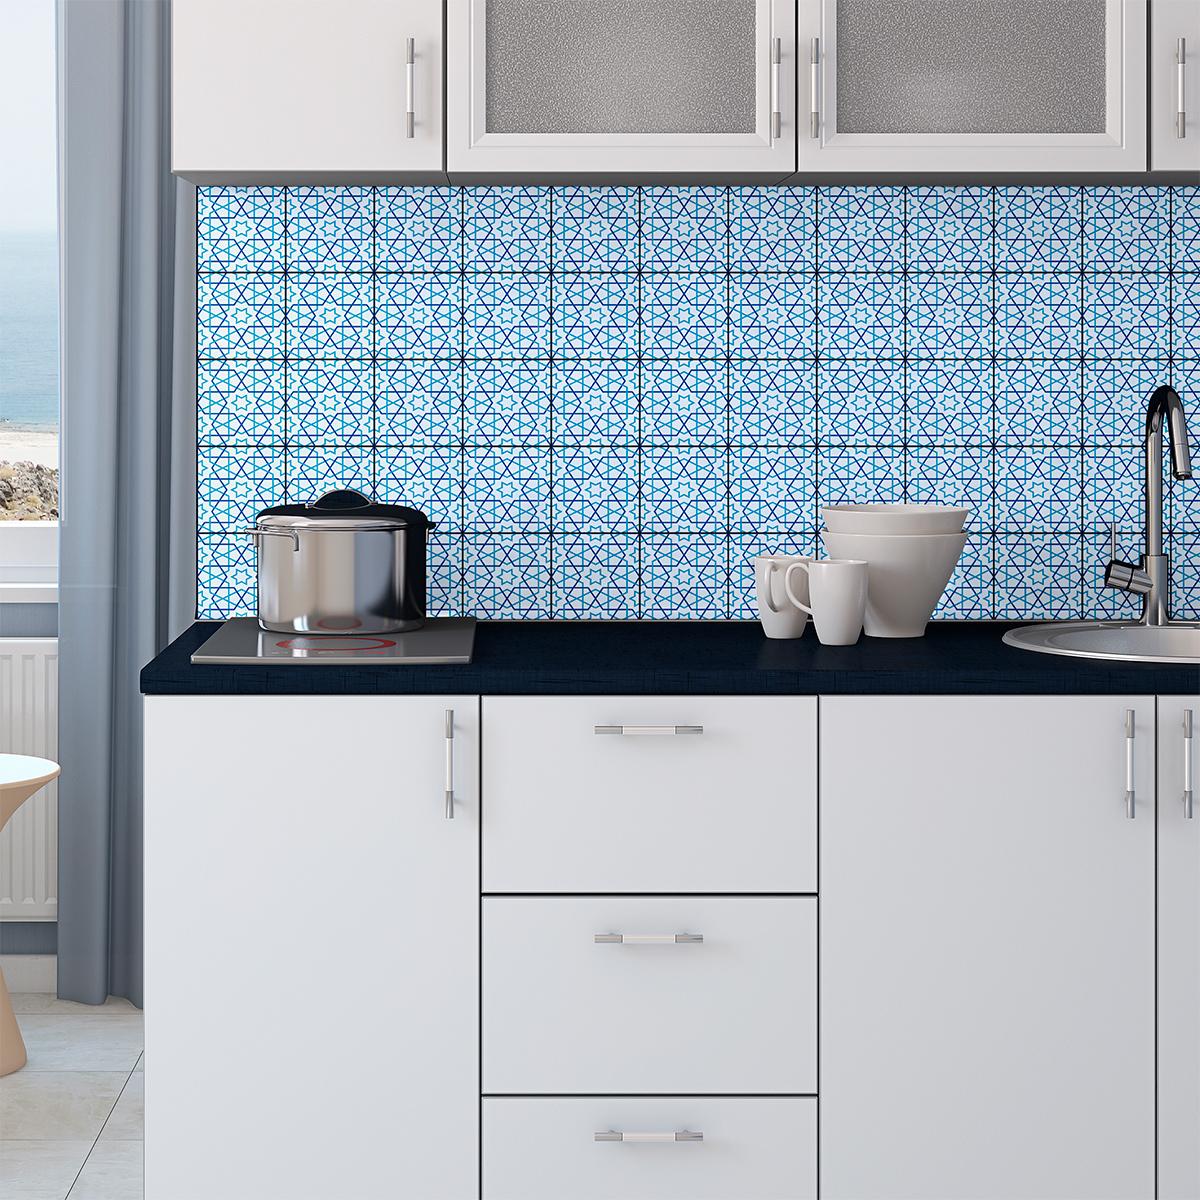 30 stickers carreaux de ciment oriental aden cuisine carrelages ambiance sticker. Black Bedroom Furniture Sets. Home Design Ideas